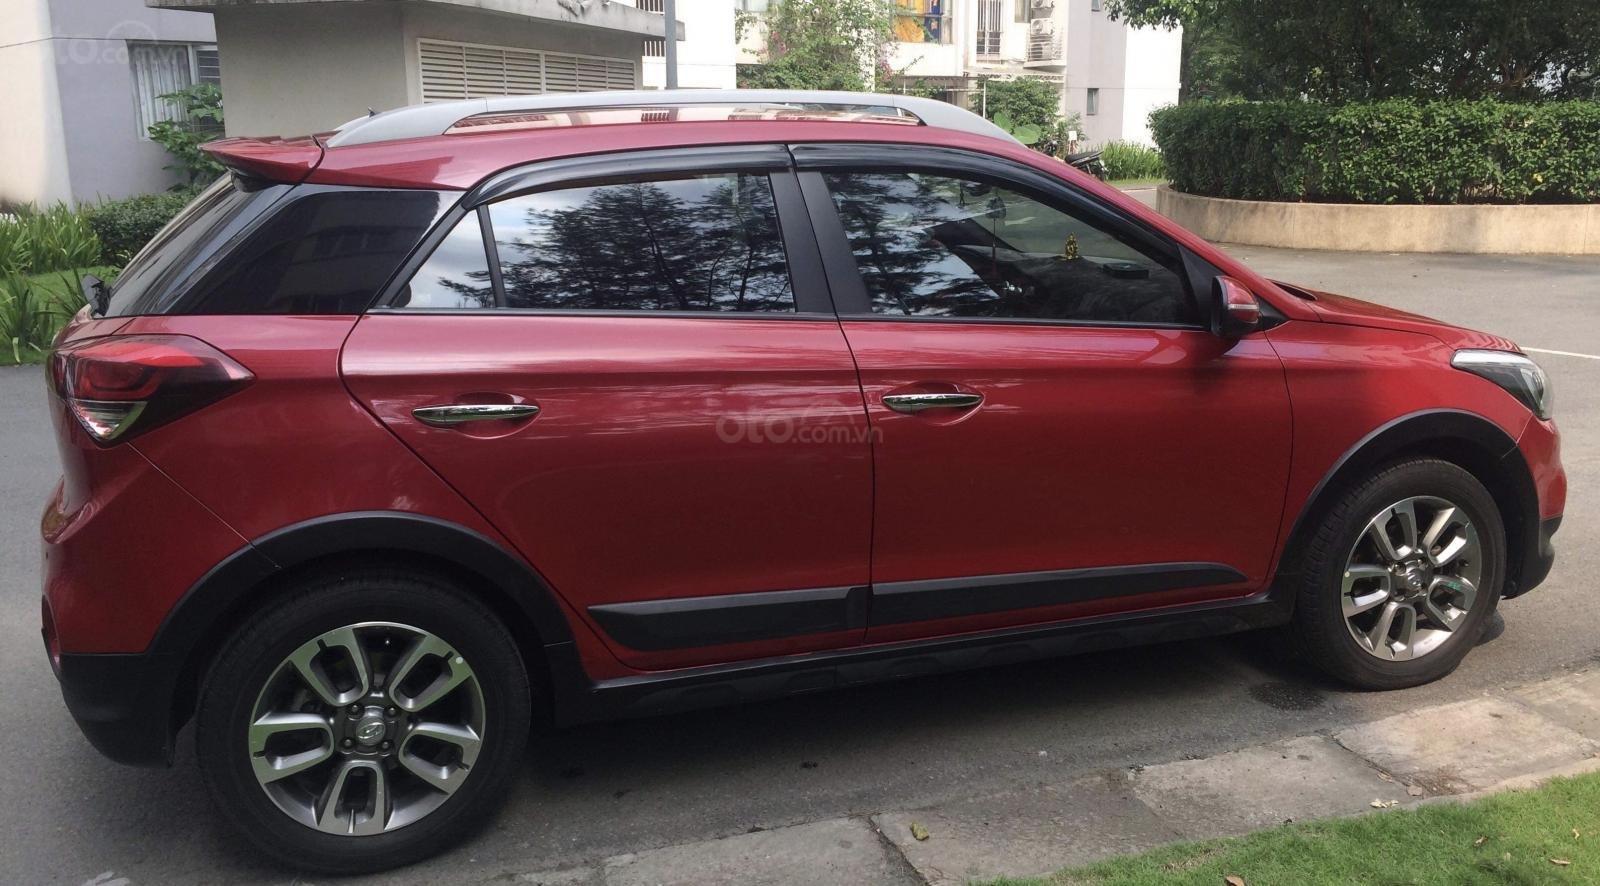 Cần bán Hyundai i20 Active 2016, màu đỏ, nhập khẩu nguyên chiếc (1)